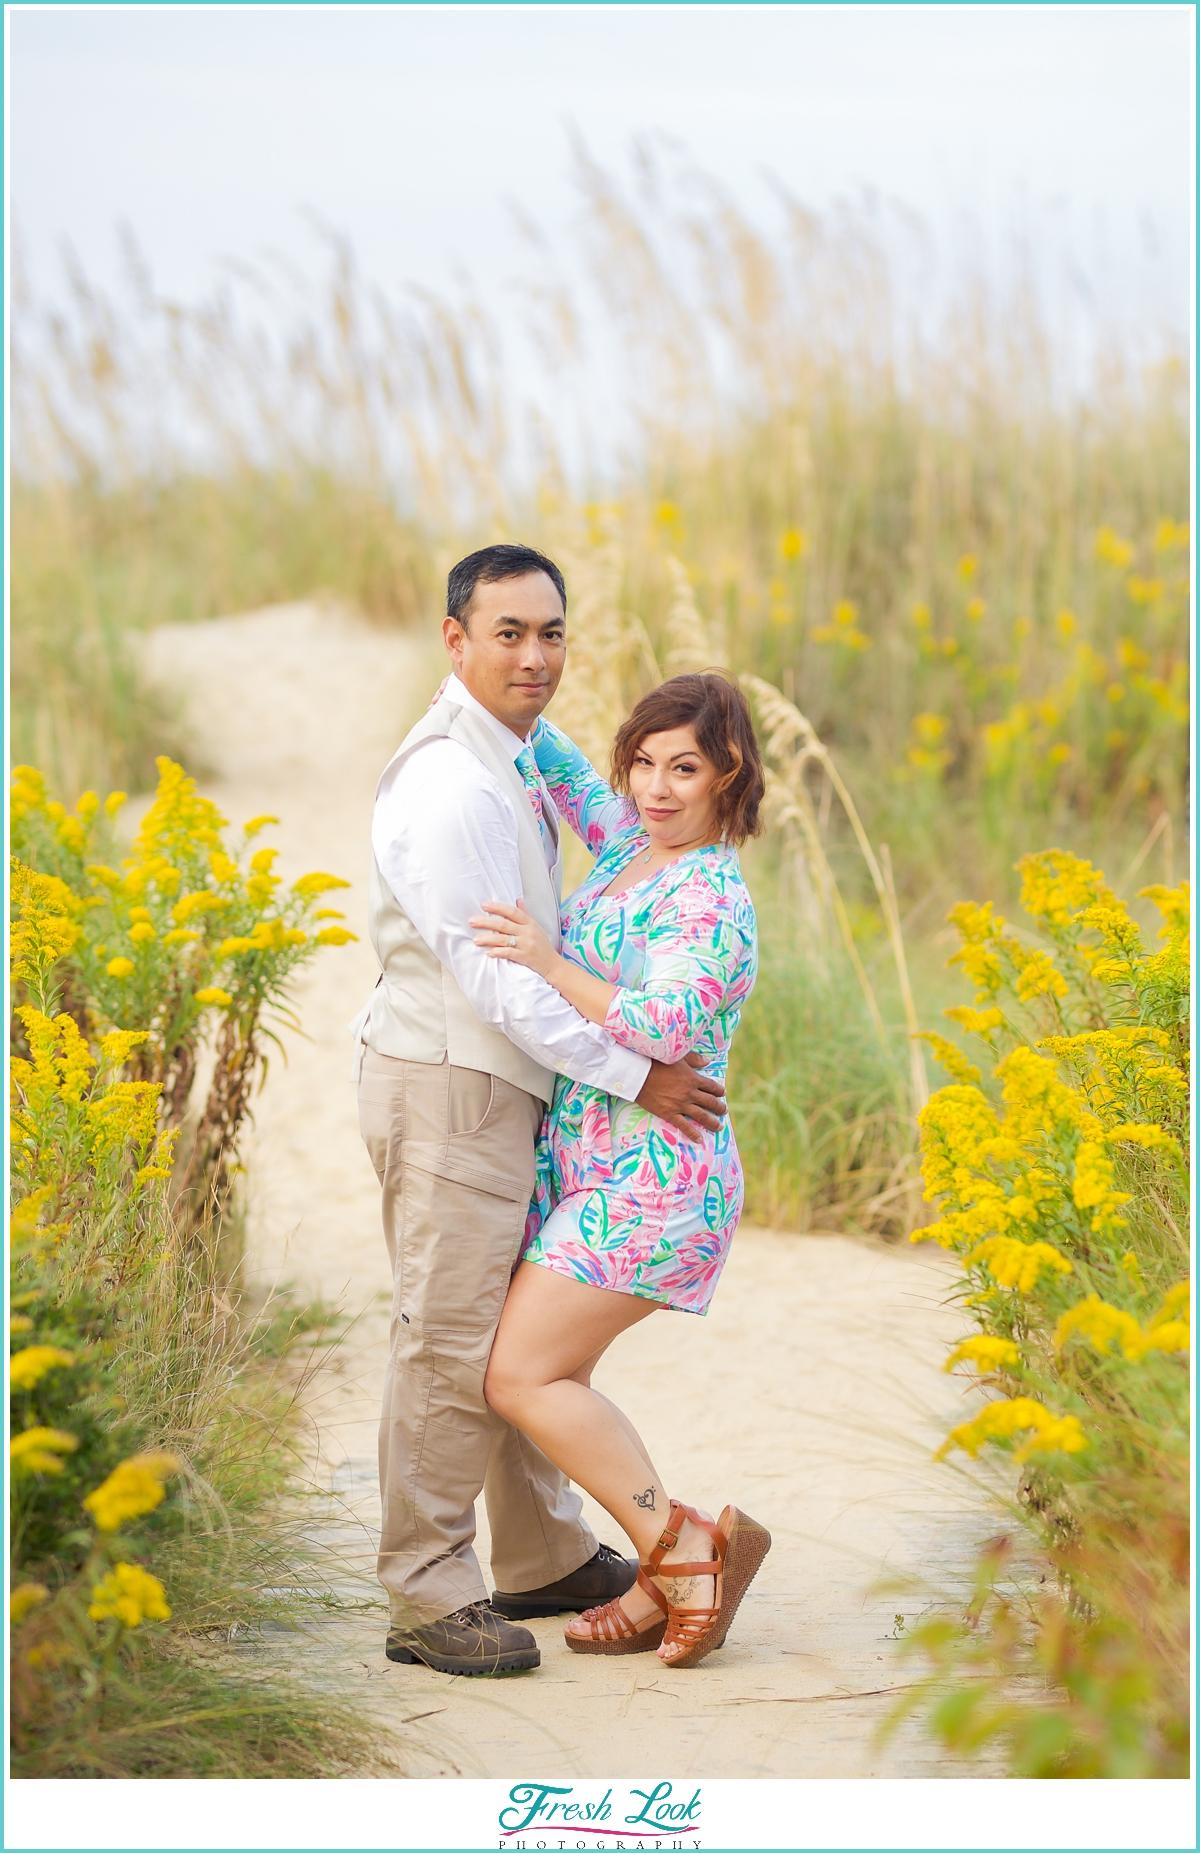 fun couples photoshoot